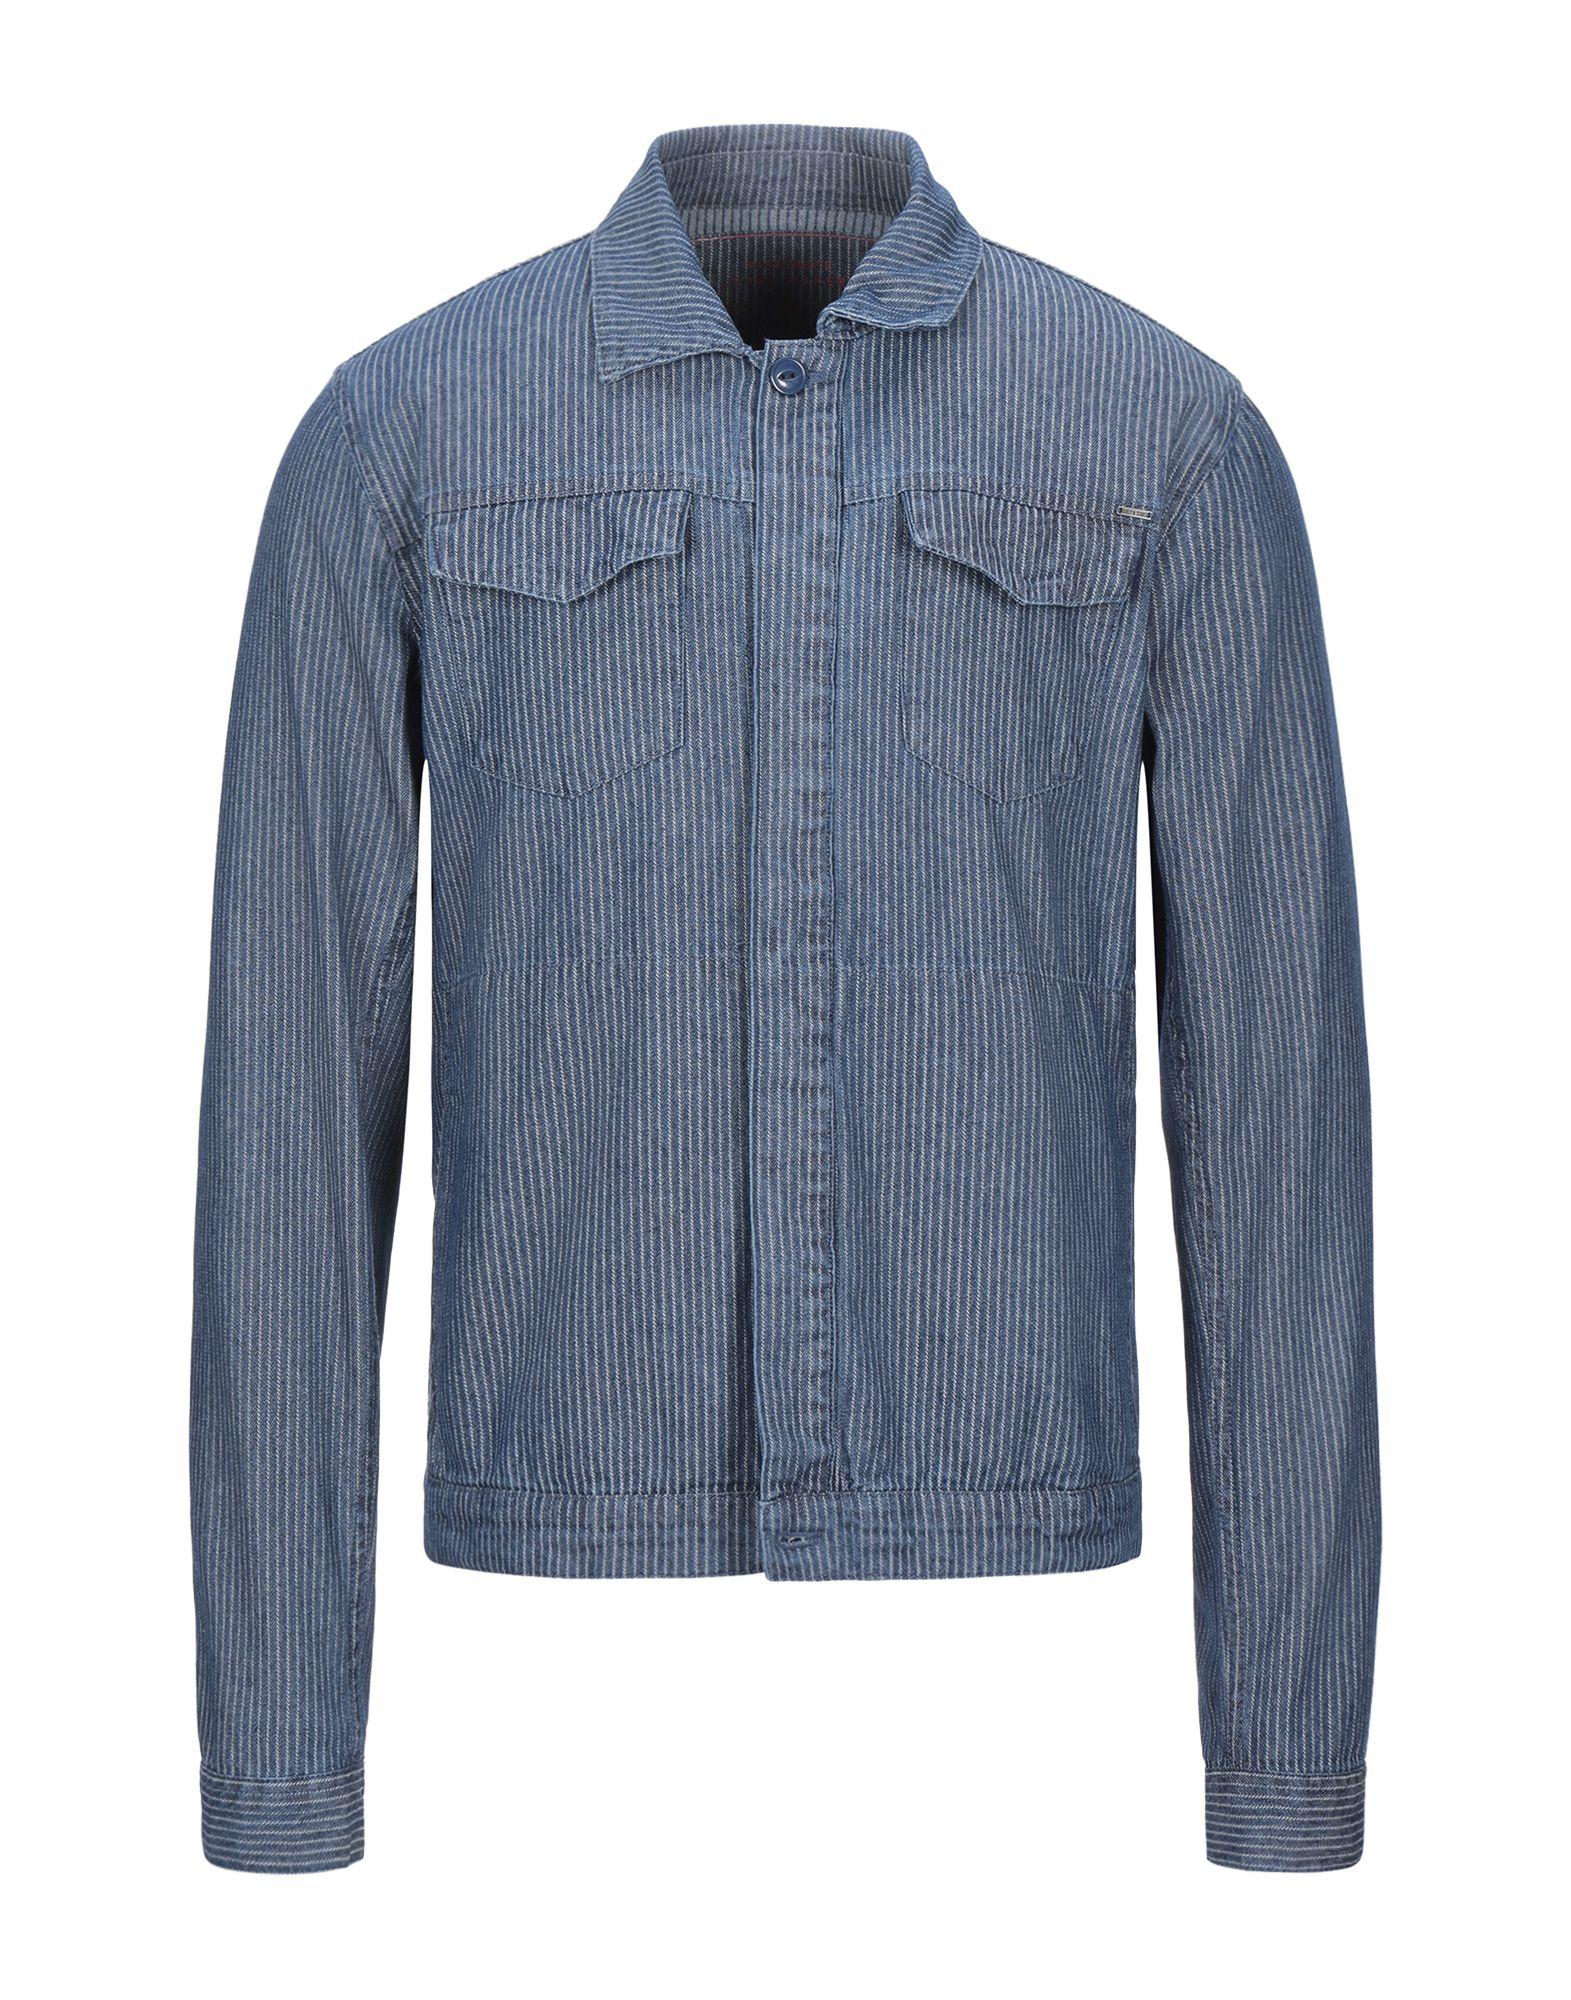 Фото - ONLY & SONS Джинсовая верхняя одежда wesc джинсовая верхняя одежда